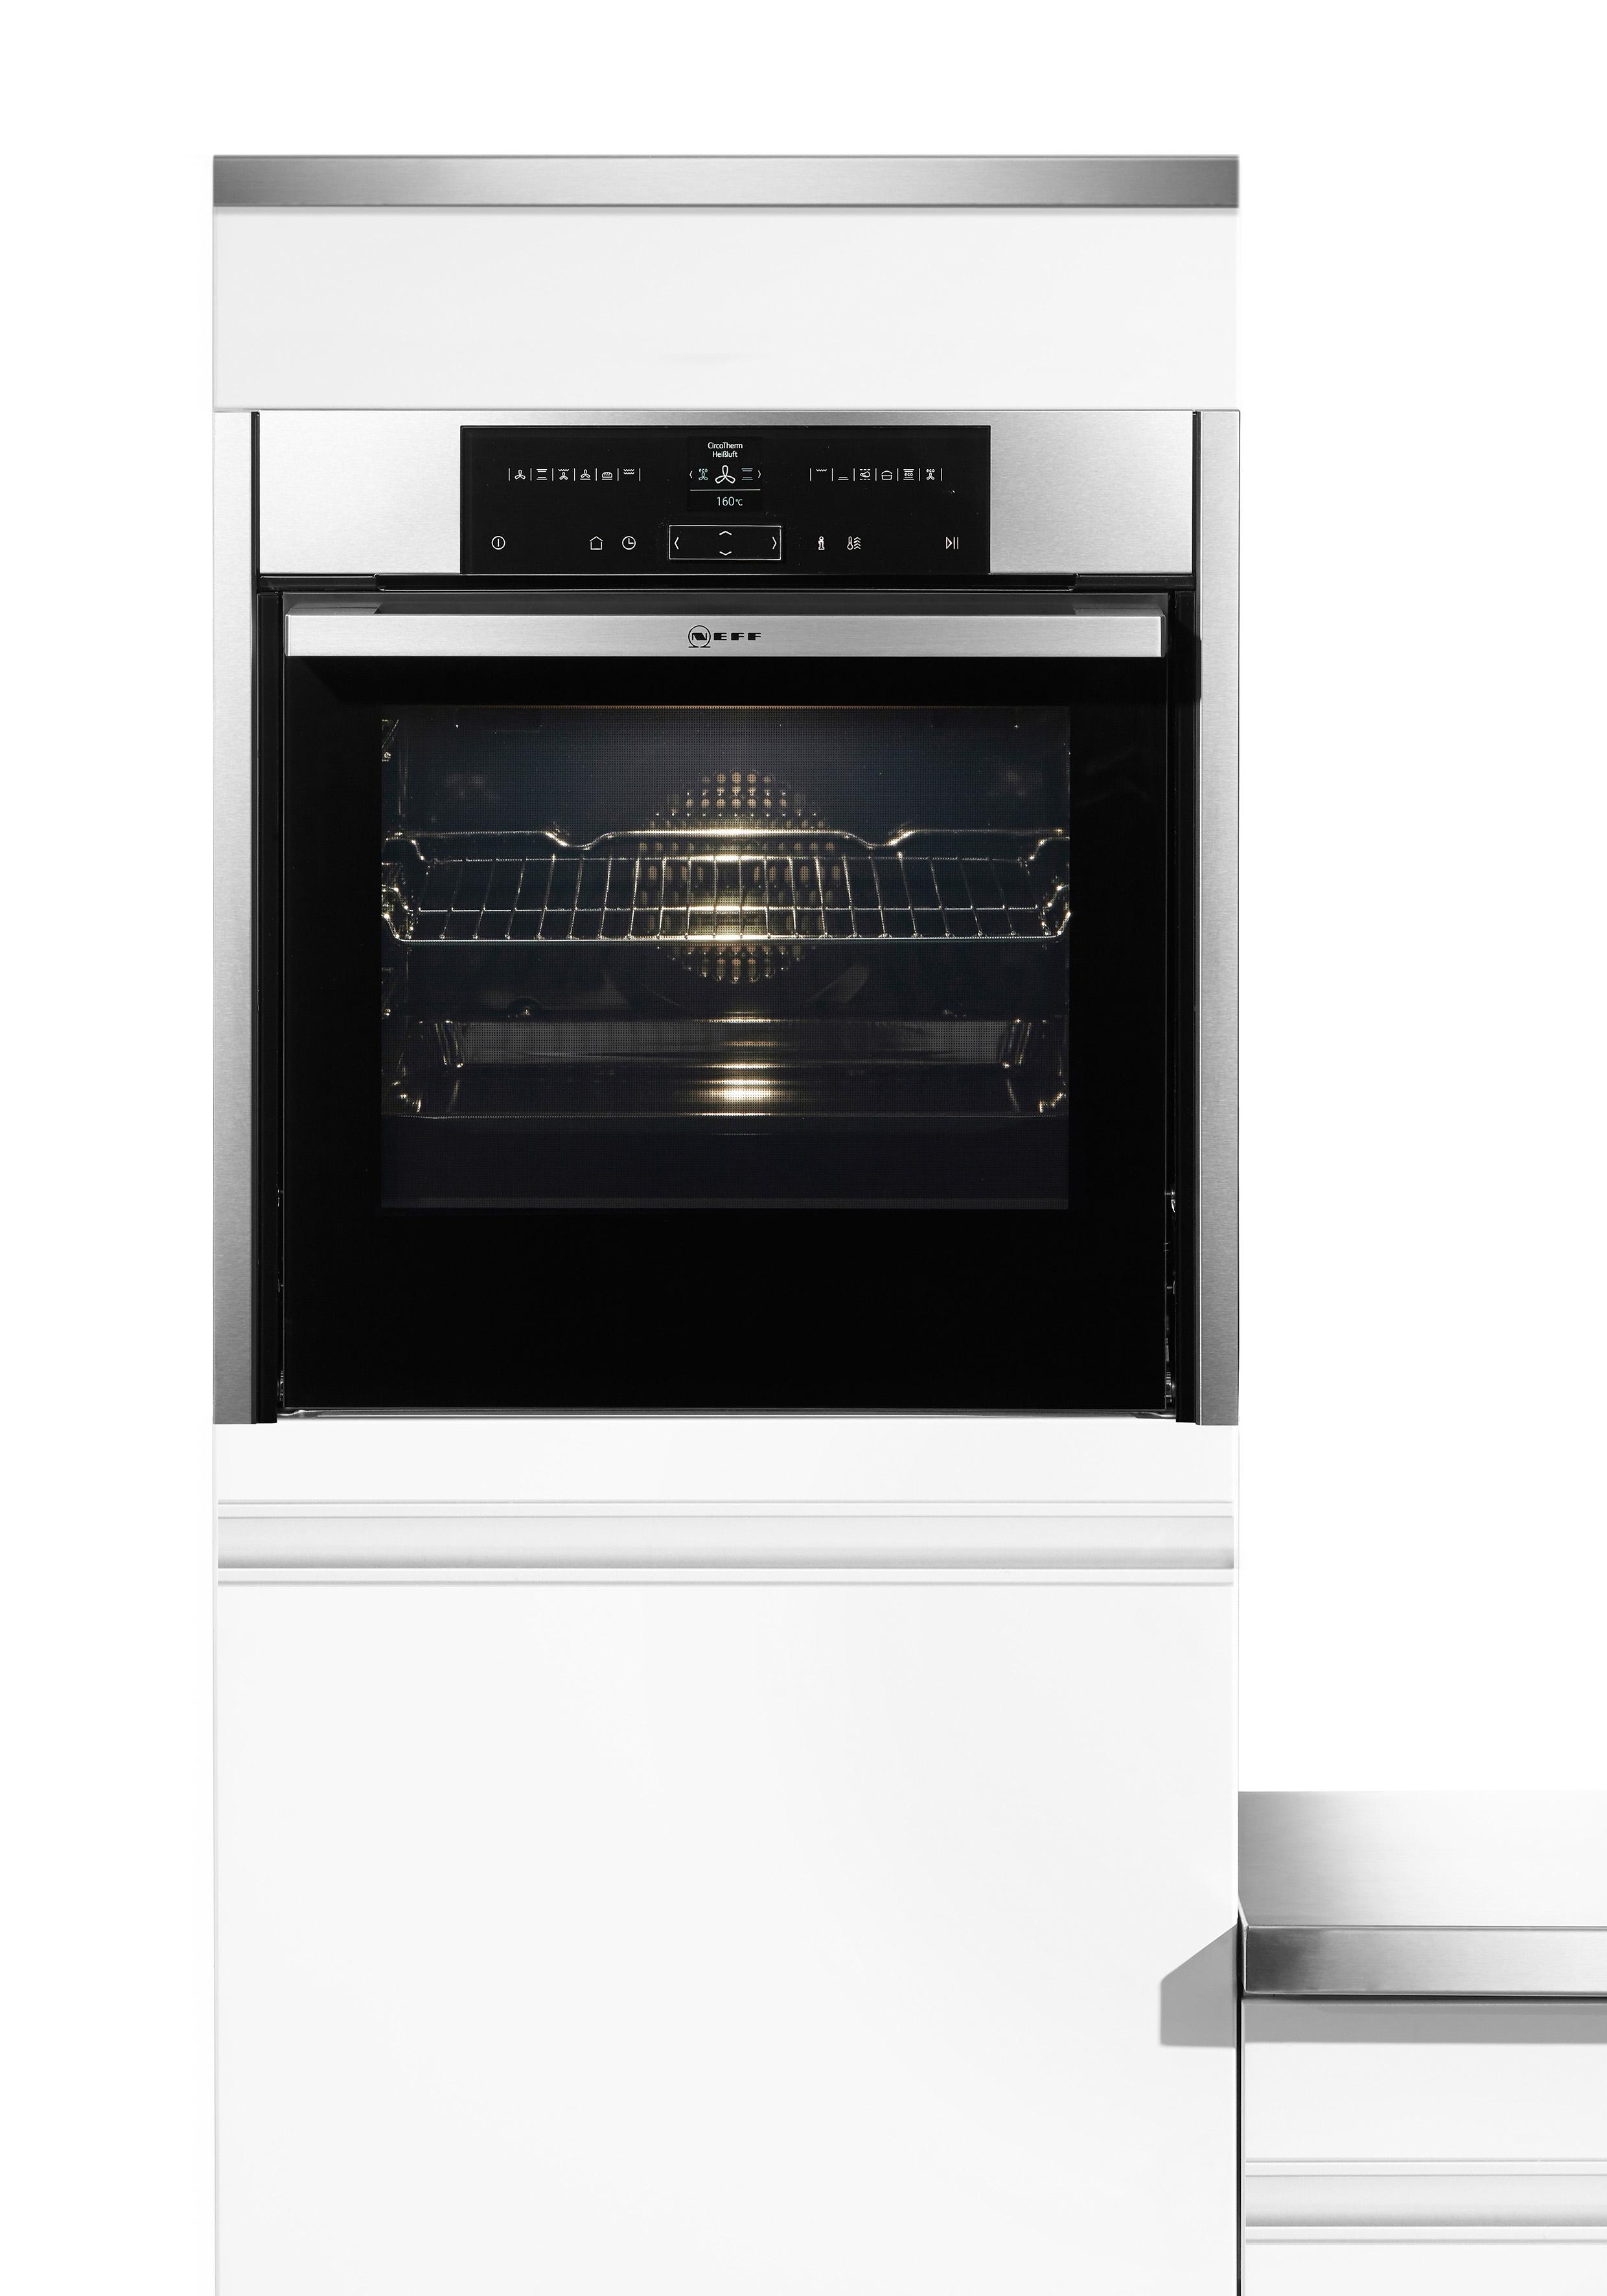 neff oven met pyrolyse zelfreiniging bcr 5522 n. Black Bedroom Furniture Sets. Home Design Ideas